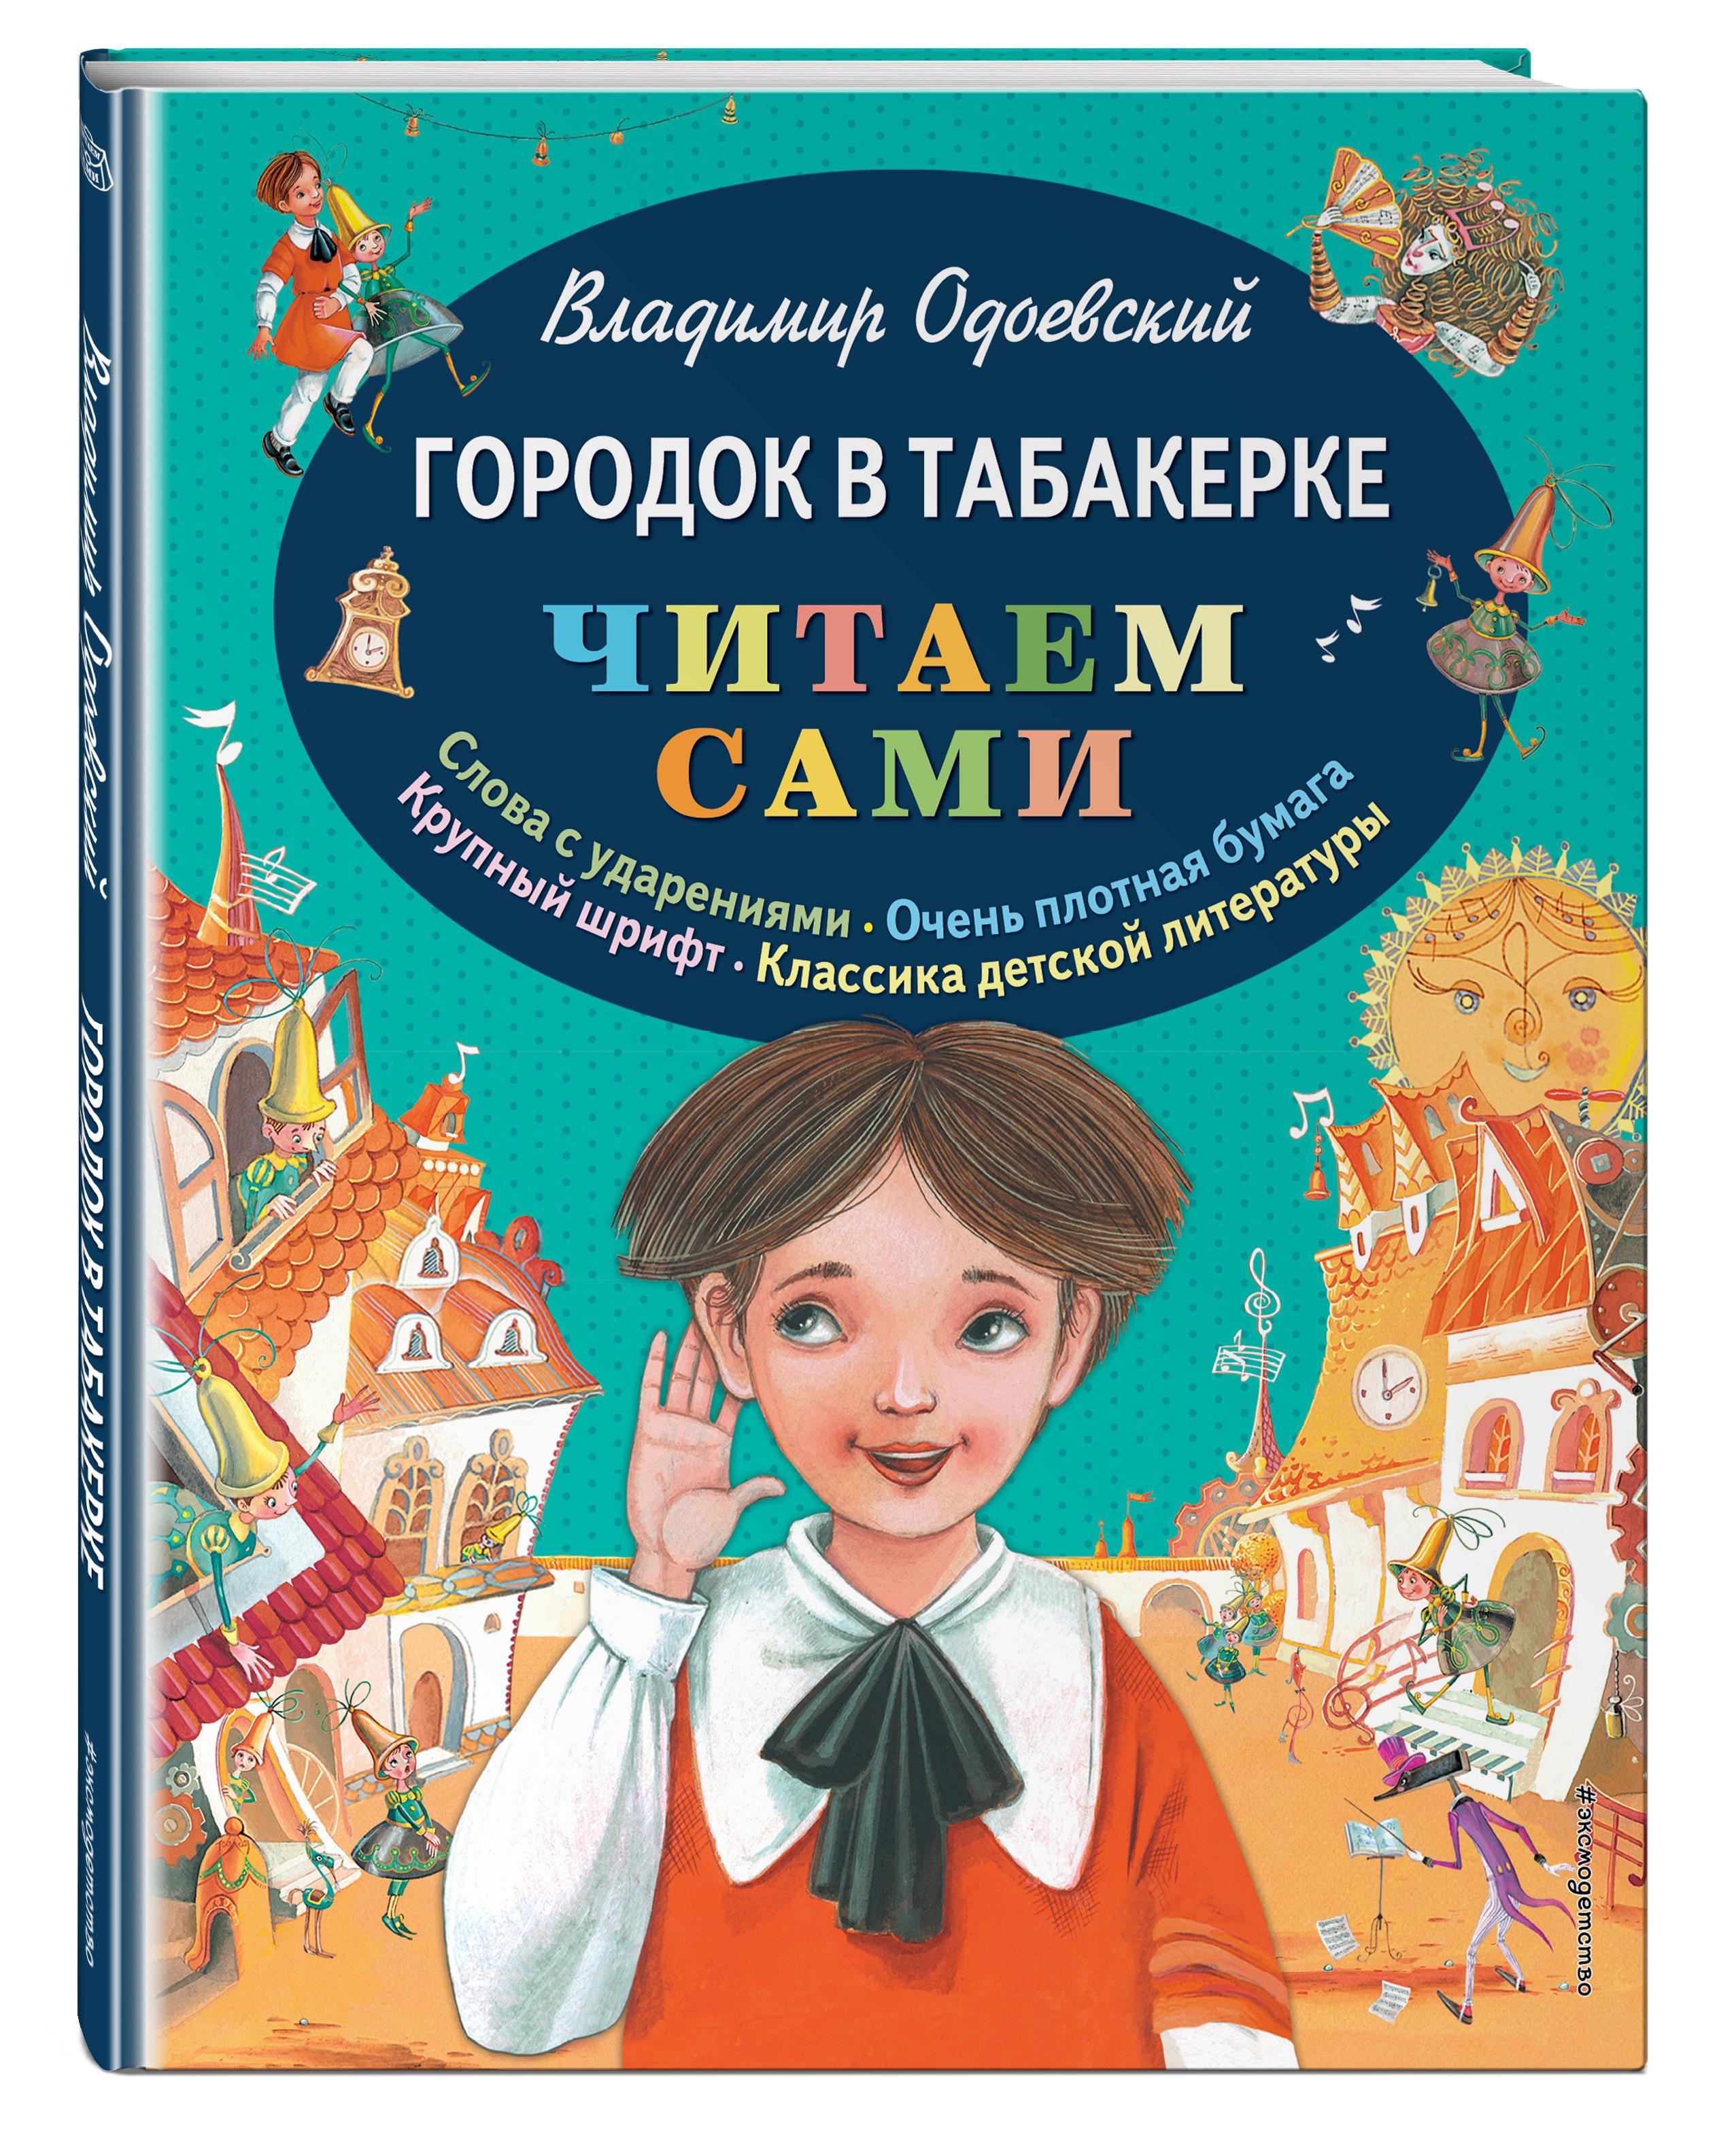 Купить Городок В табакерке, Эксмо, Детская художественная литература